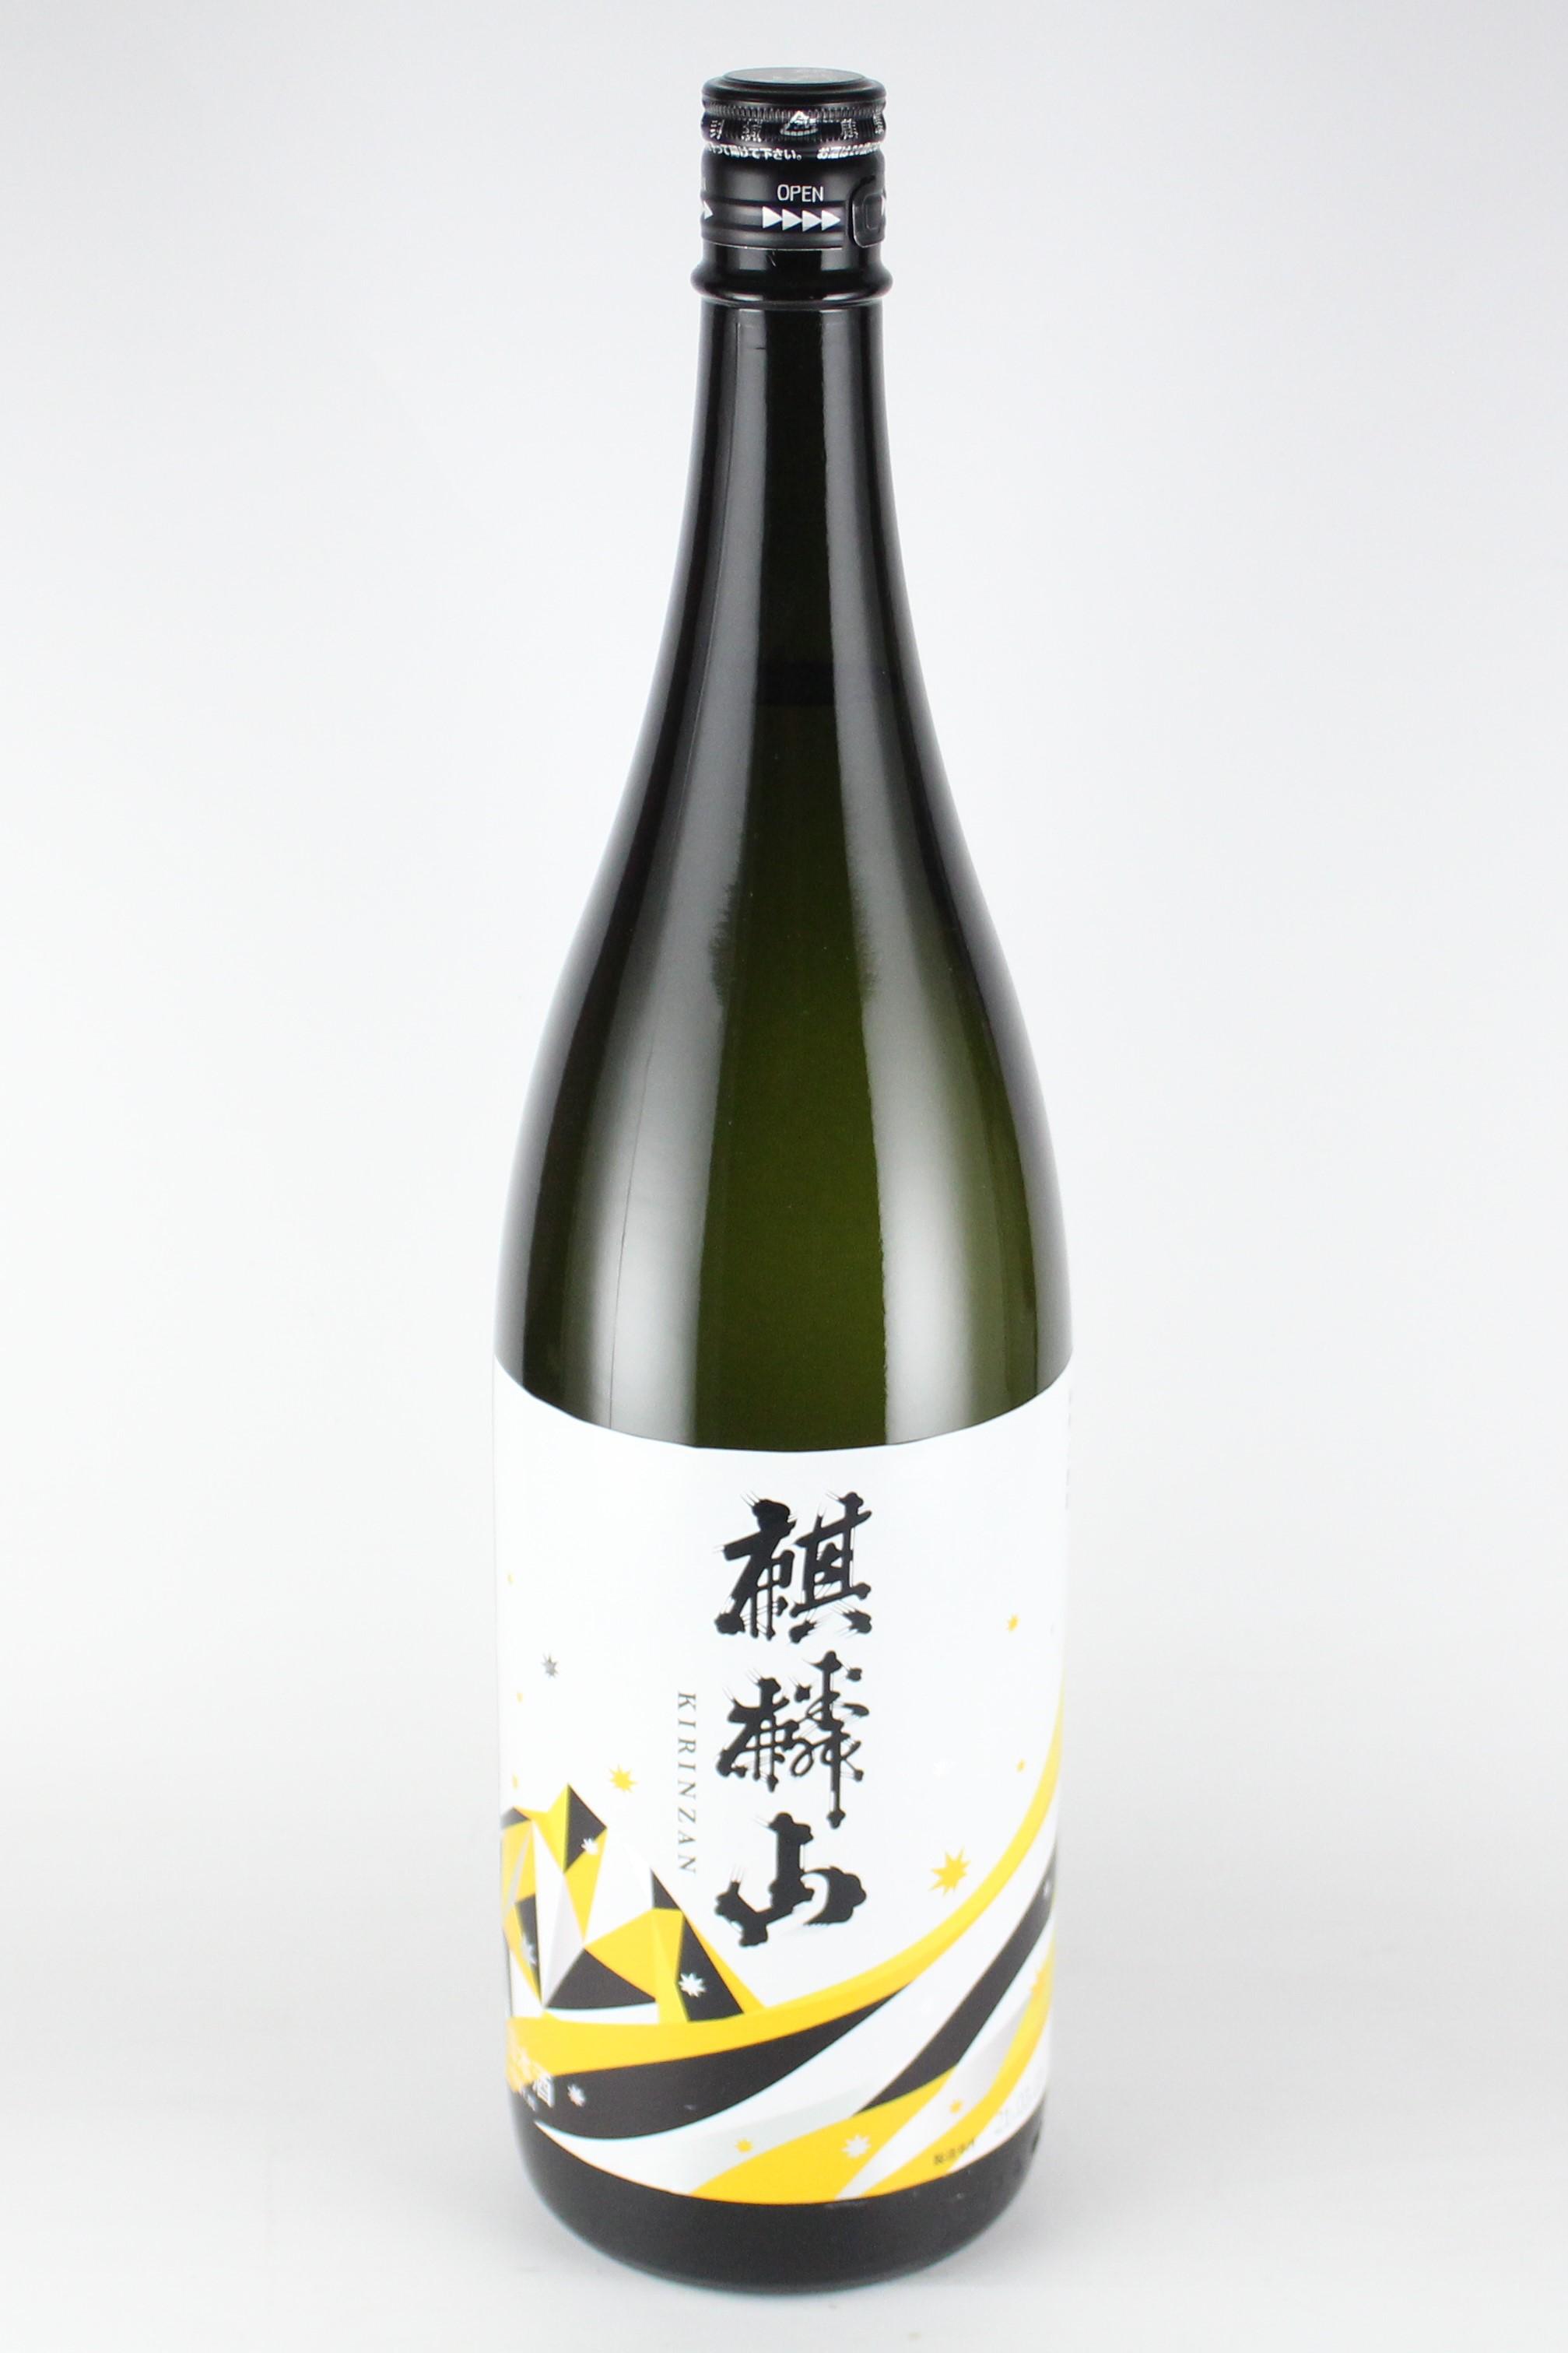 麒麟山 遠雷 吟醸 1800ml 【新潟/麒麟山酒造】(香り×淡麗)